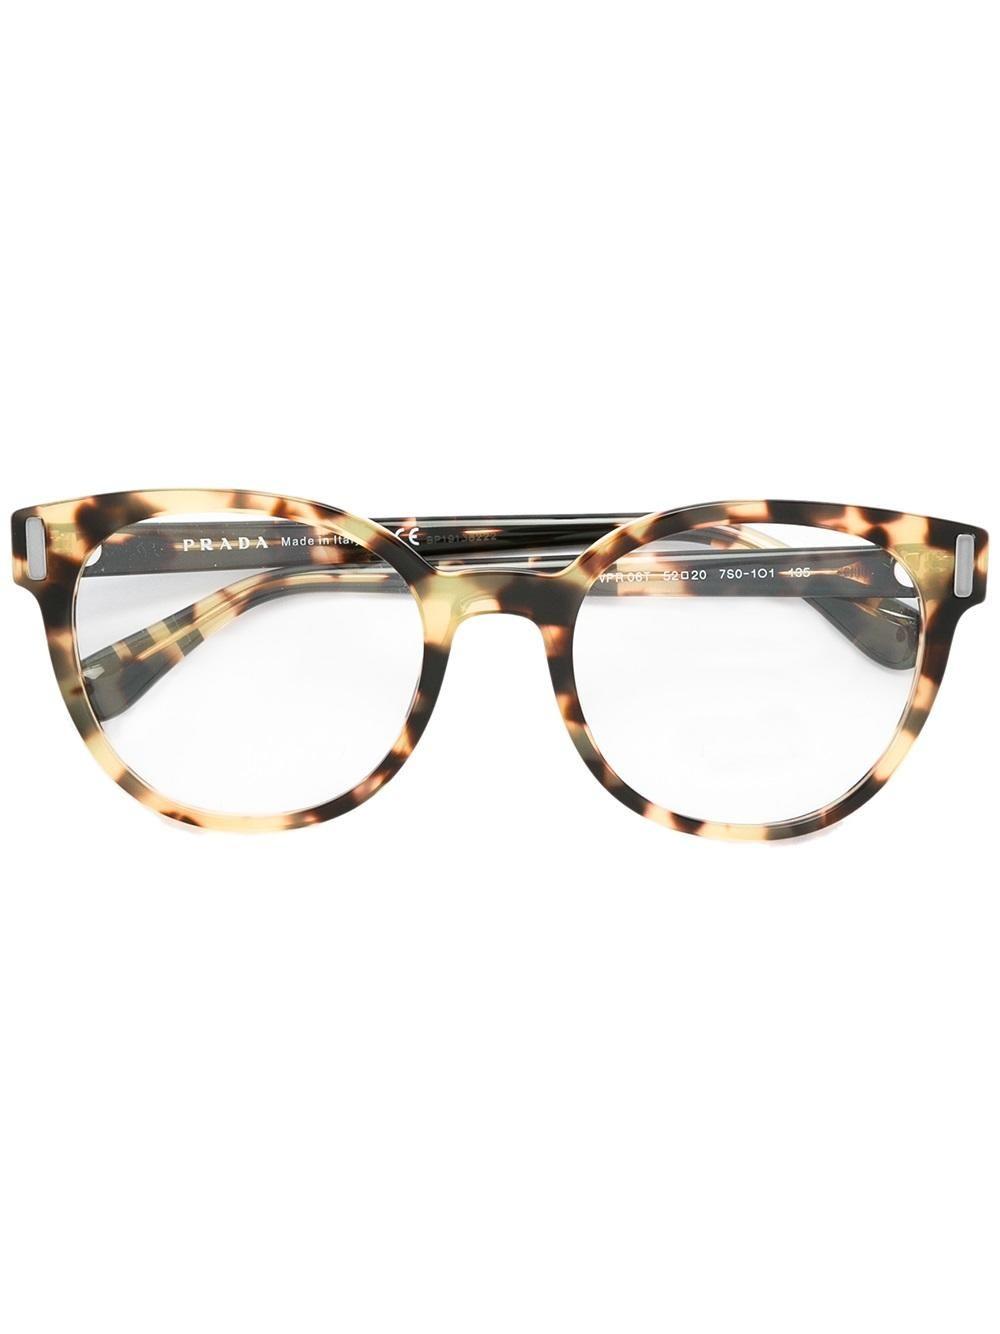 520c6129697 Prada Eyewear tortoiseshell round glasses